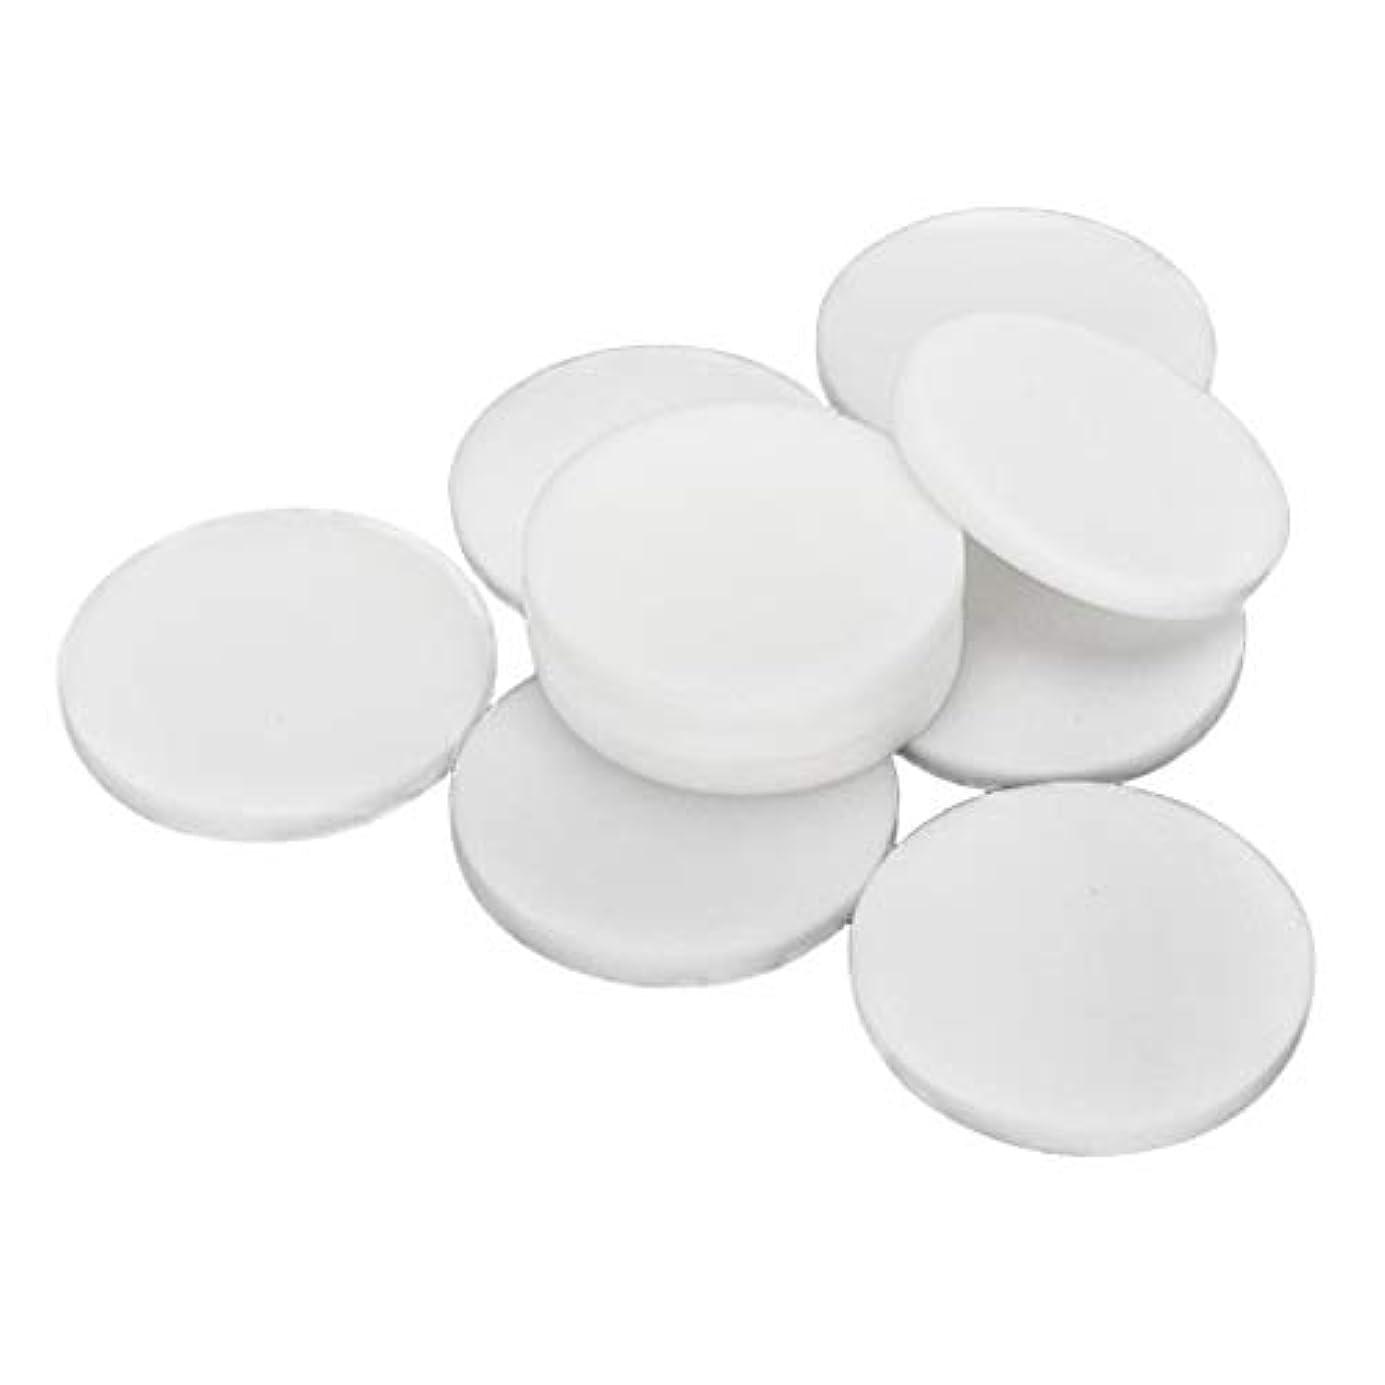 診断する肺炎教F Fityle 10枚 使い捨て フェイスクリーニングパフ 洗顔 化粧 メイクアップパフ 2サイズ選べ - 大